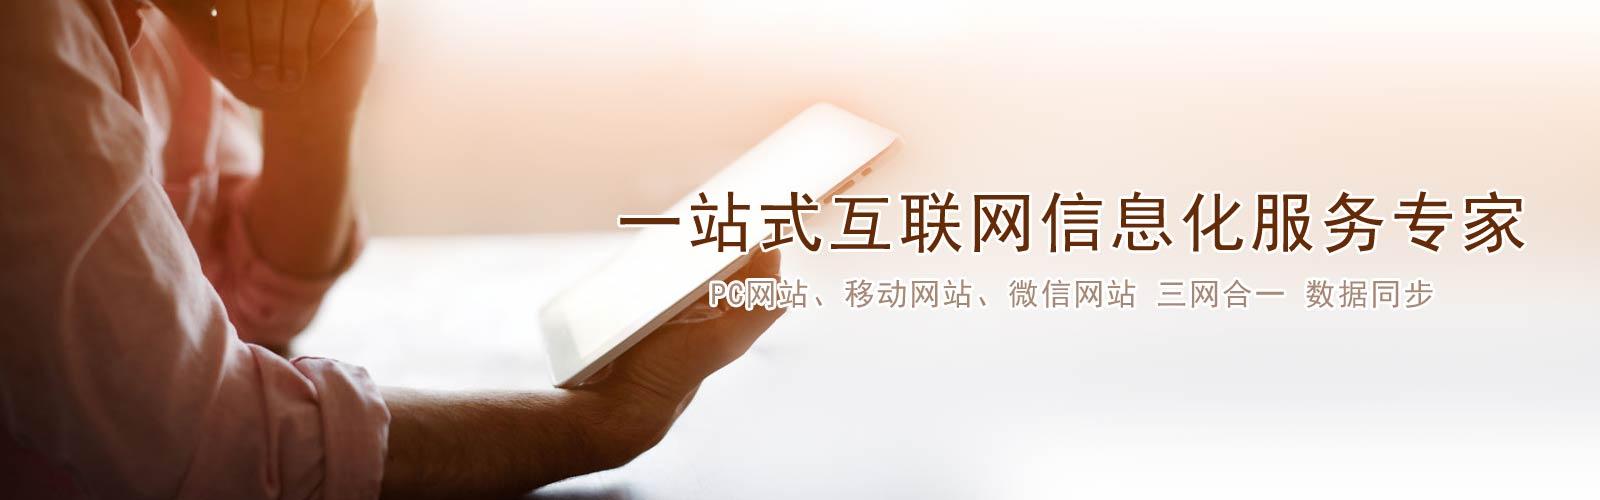 公司网站定制开发